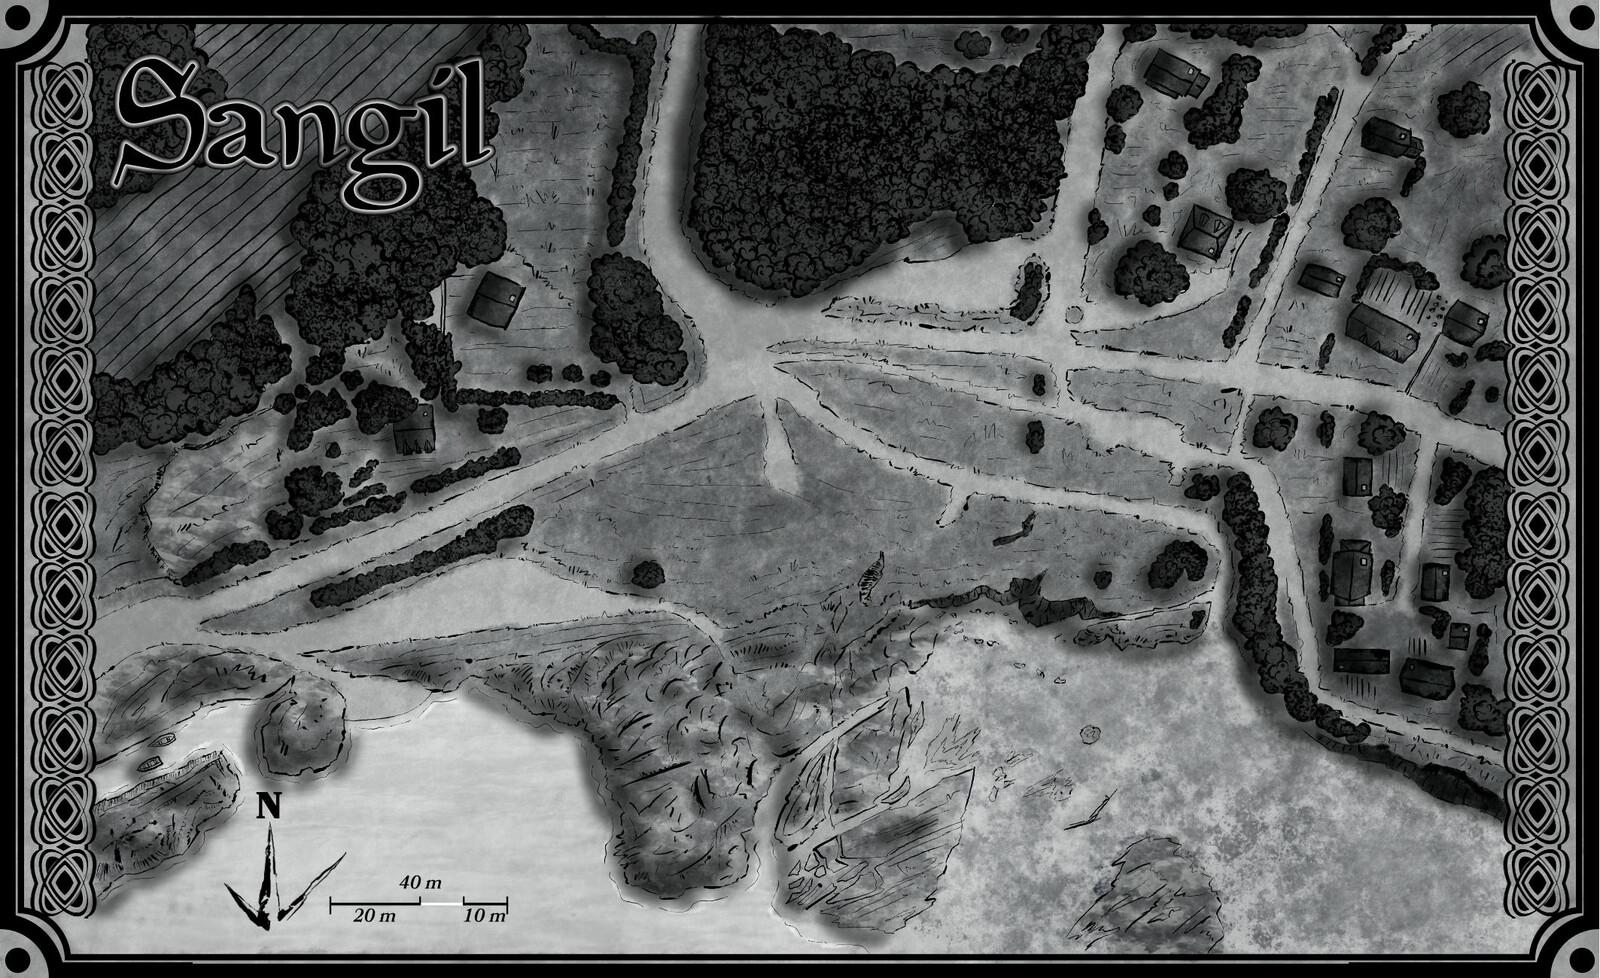 Sangil